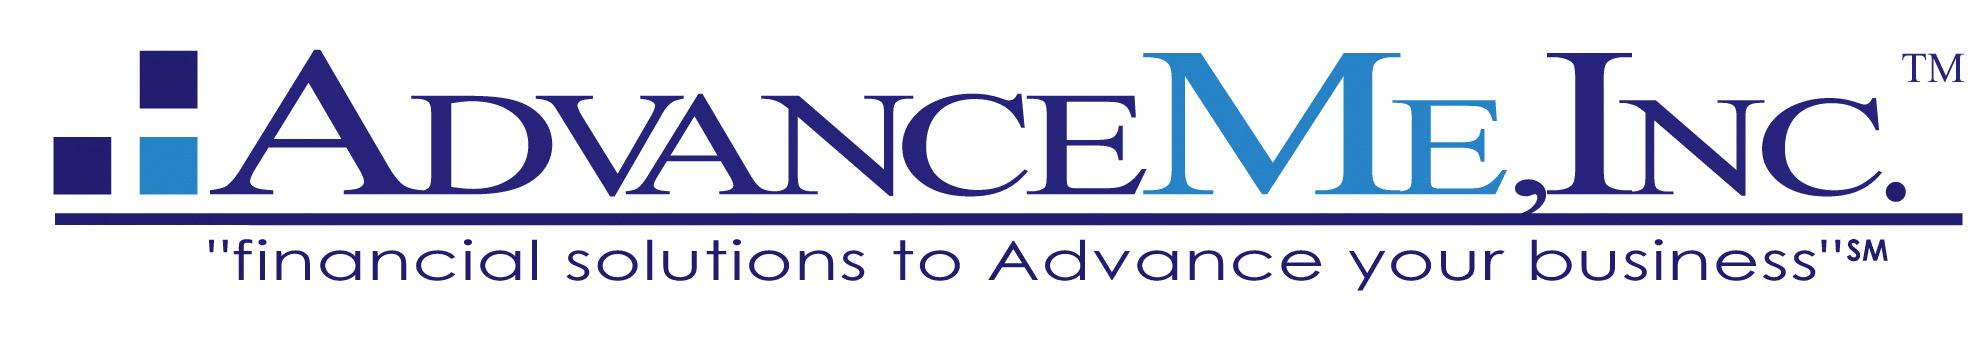 AdvanceMe Inc.